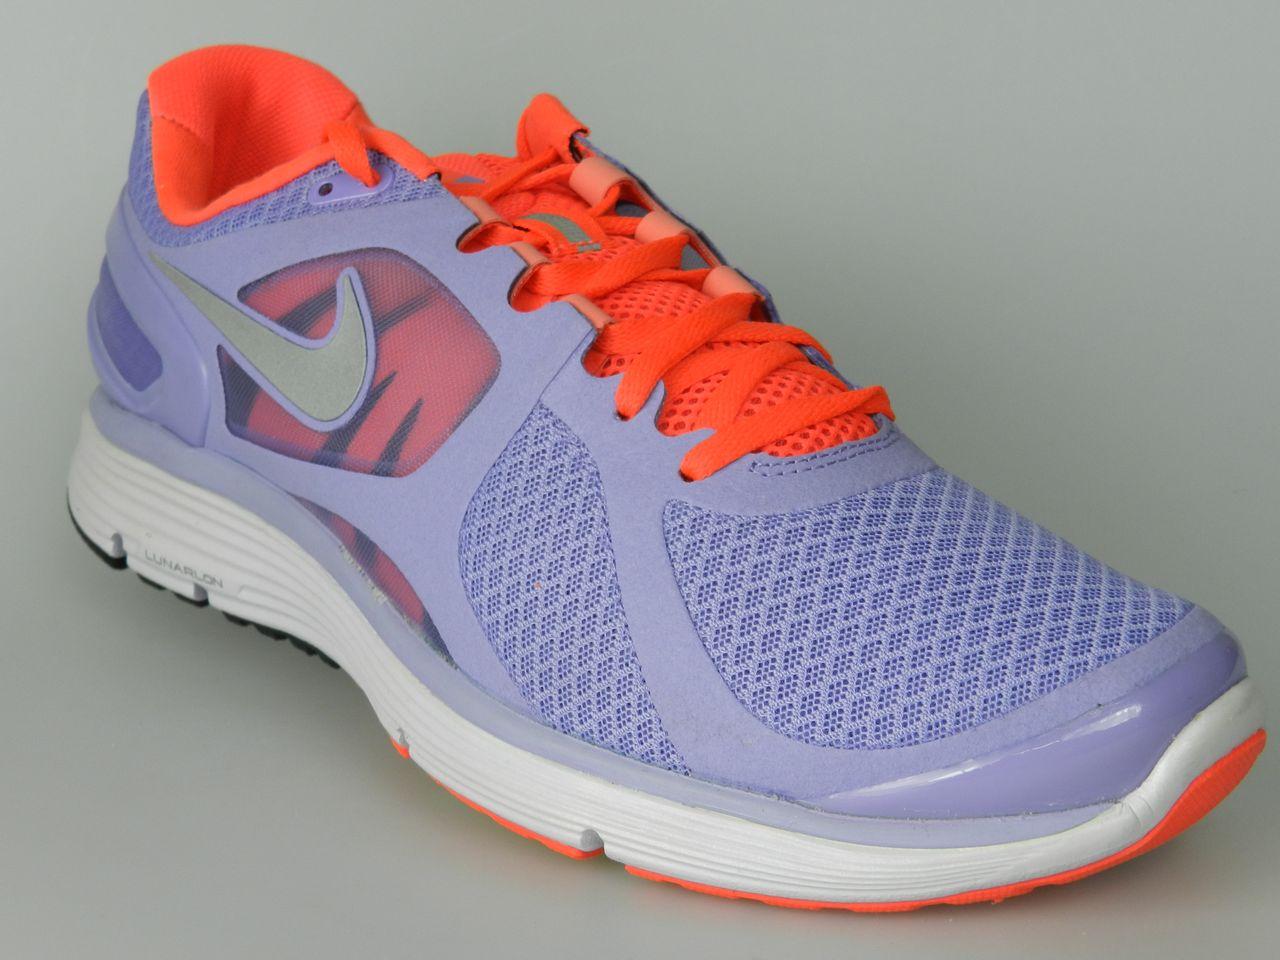 Nike LunarEclipse+ Women's Running Shoes